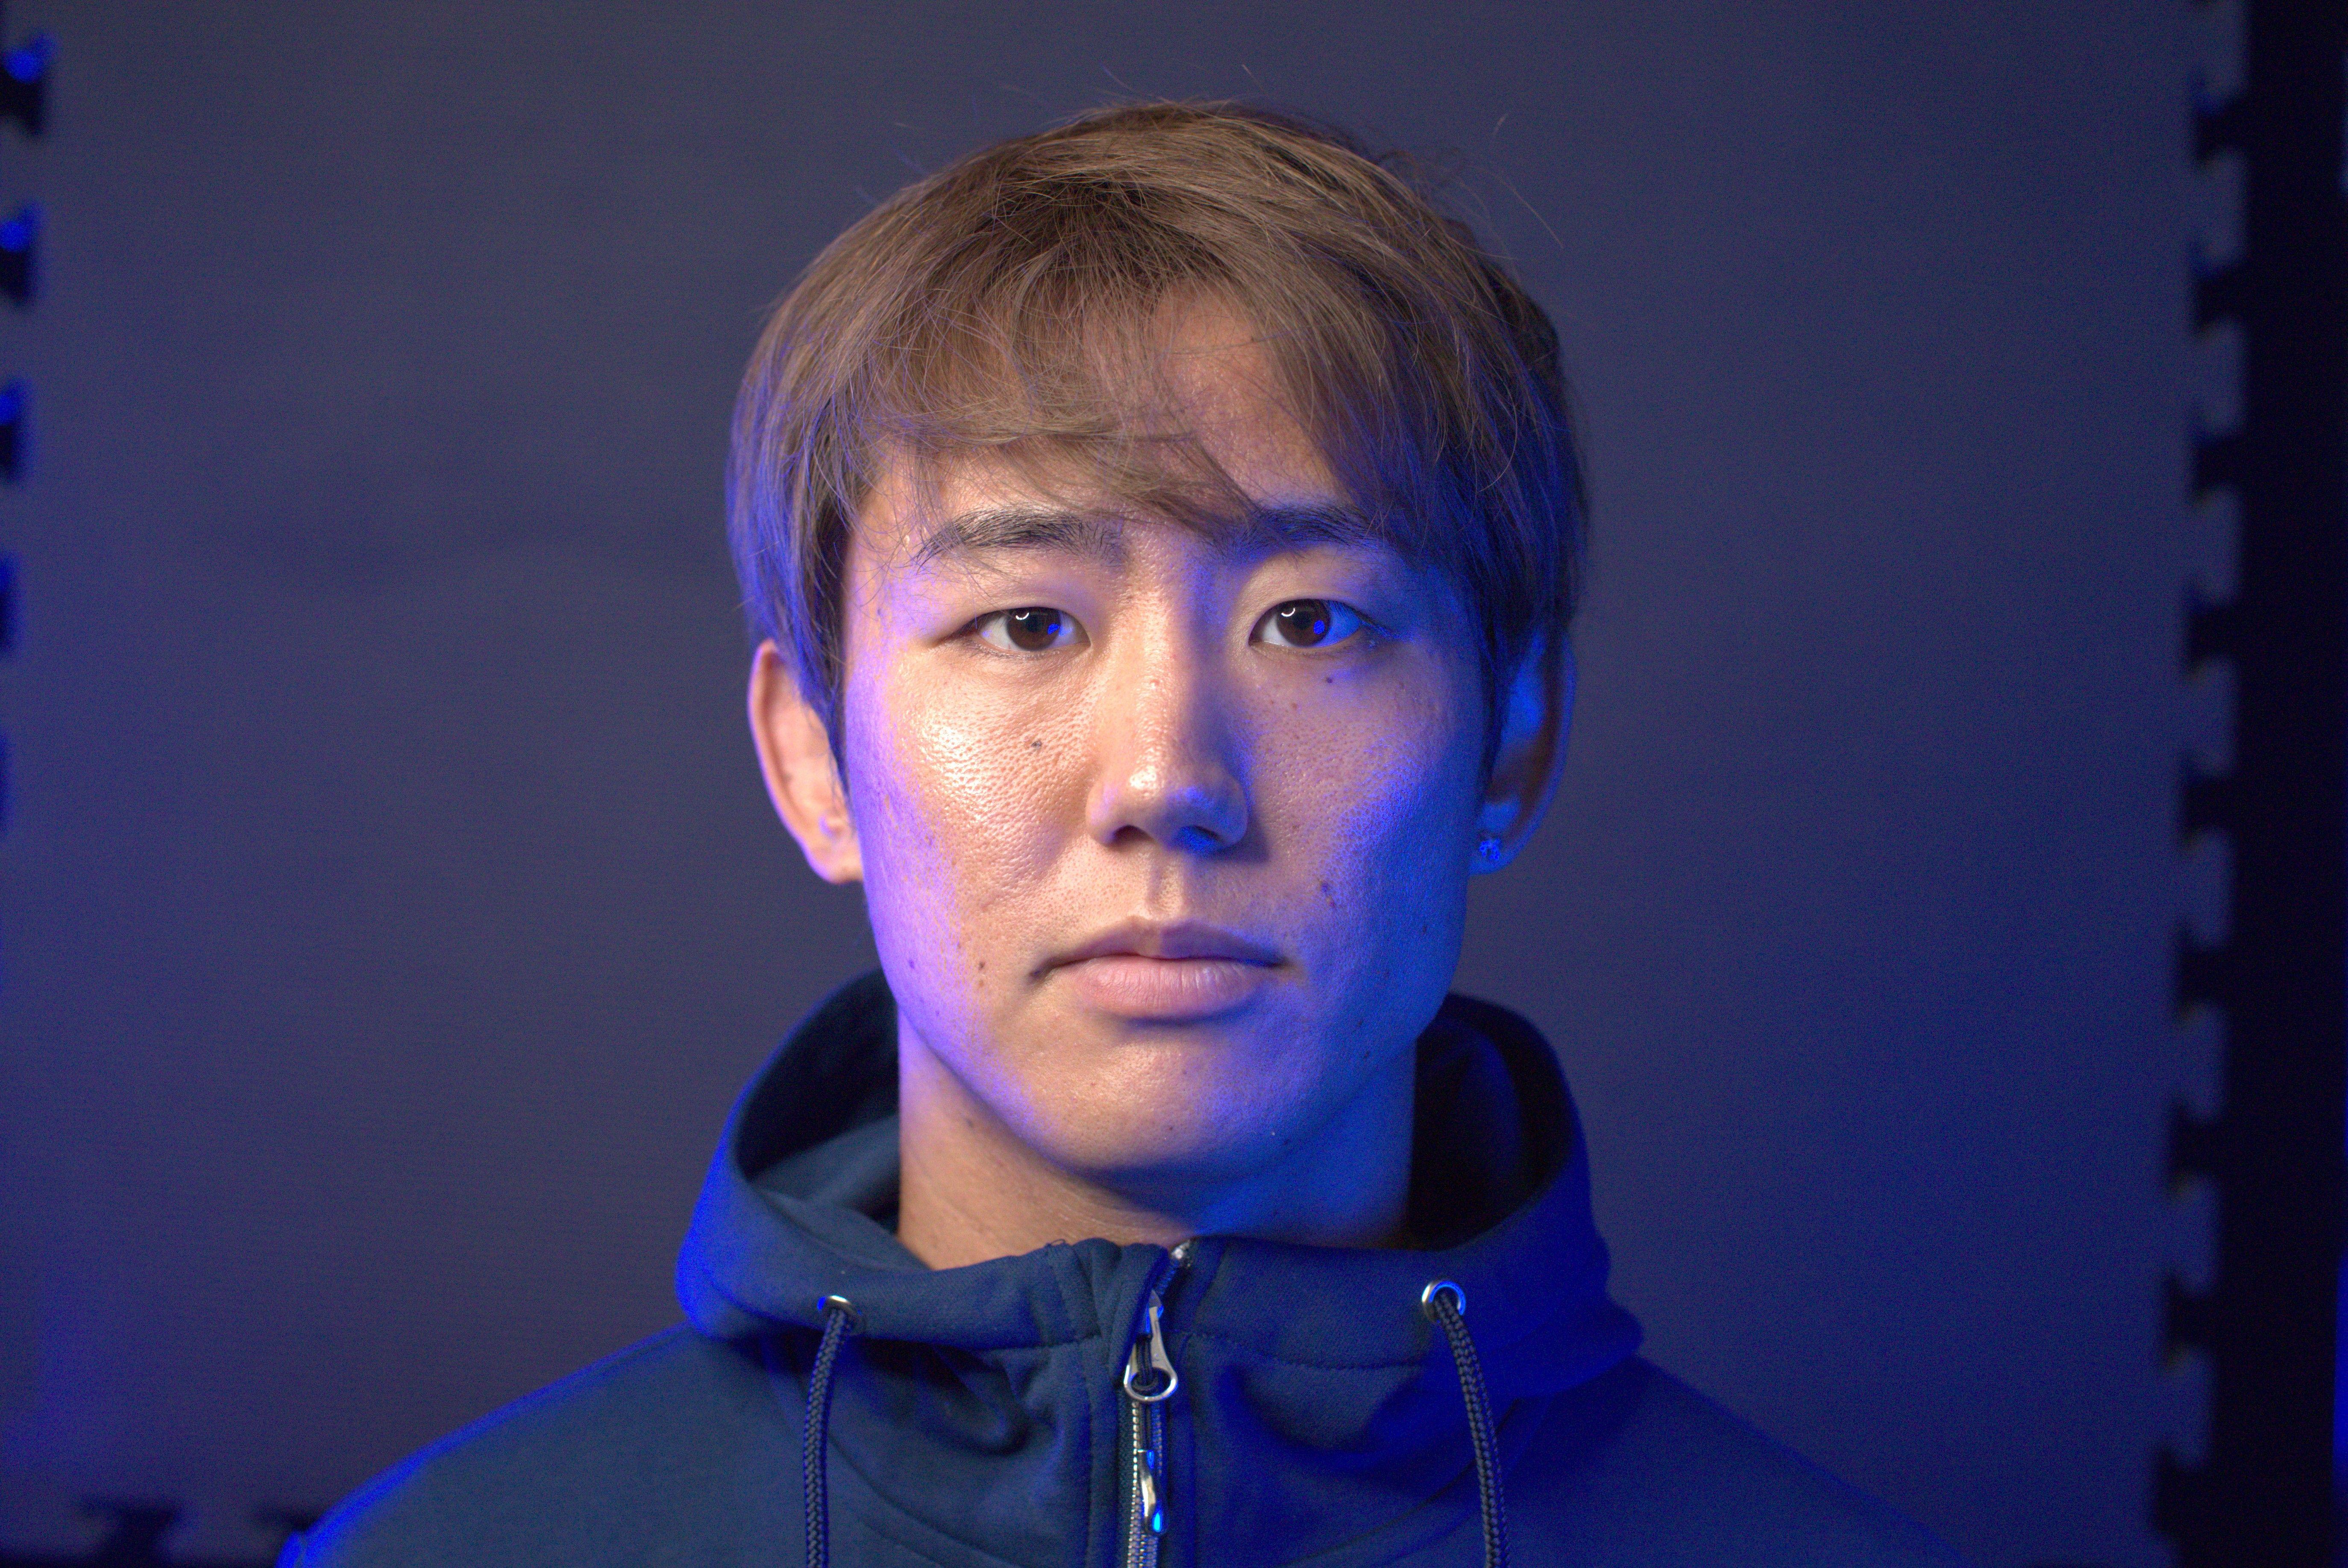 STO Player Profile : Yoshihito Nishioka